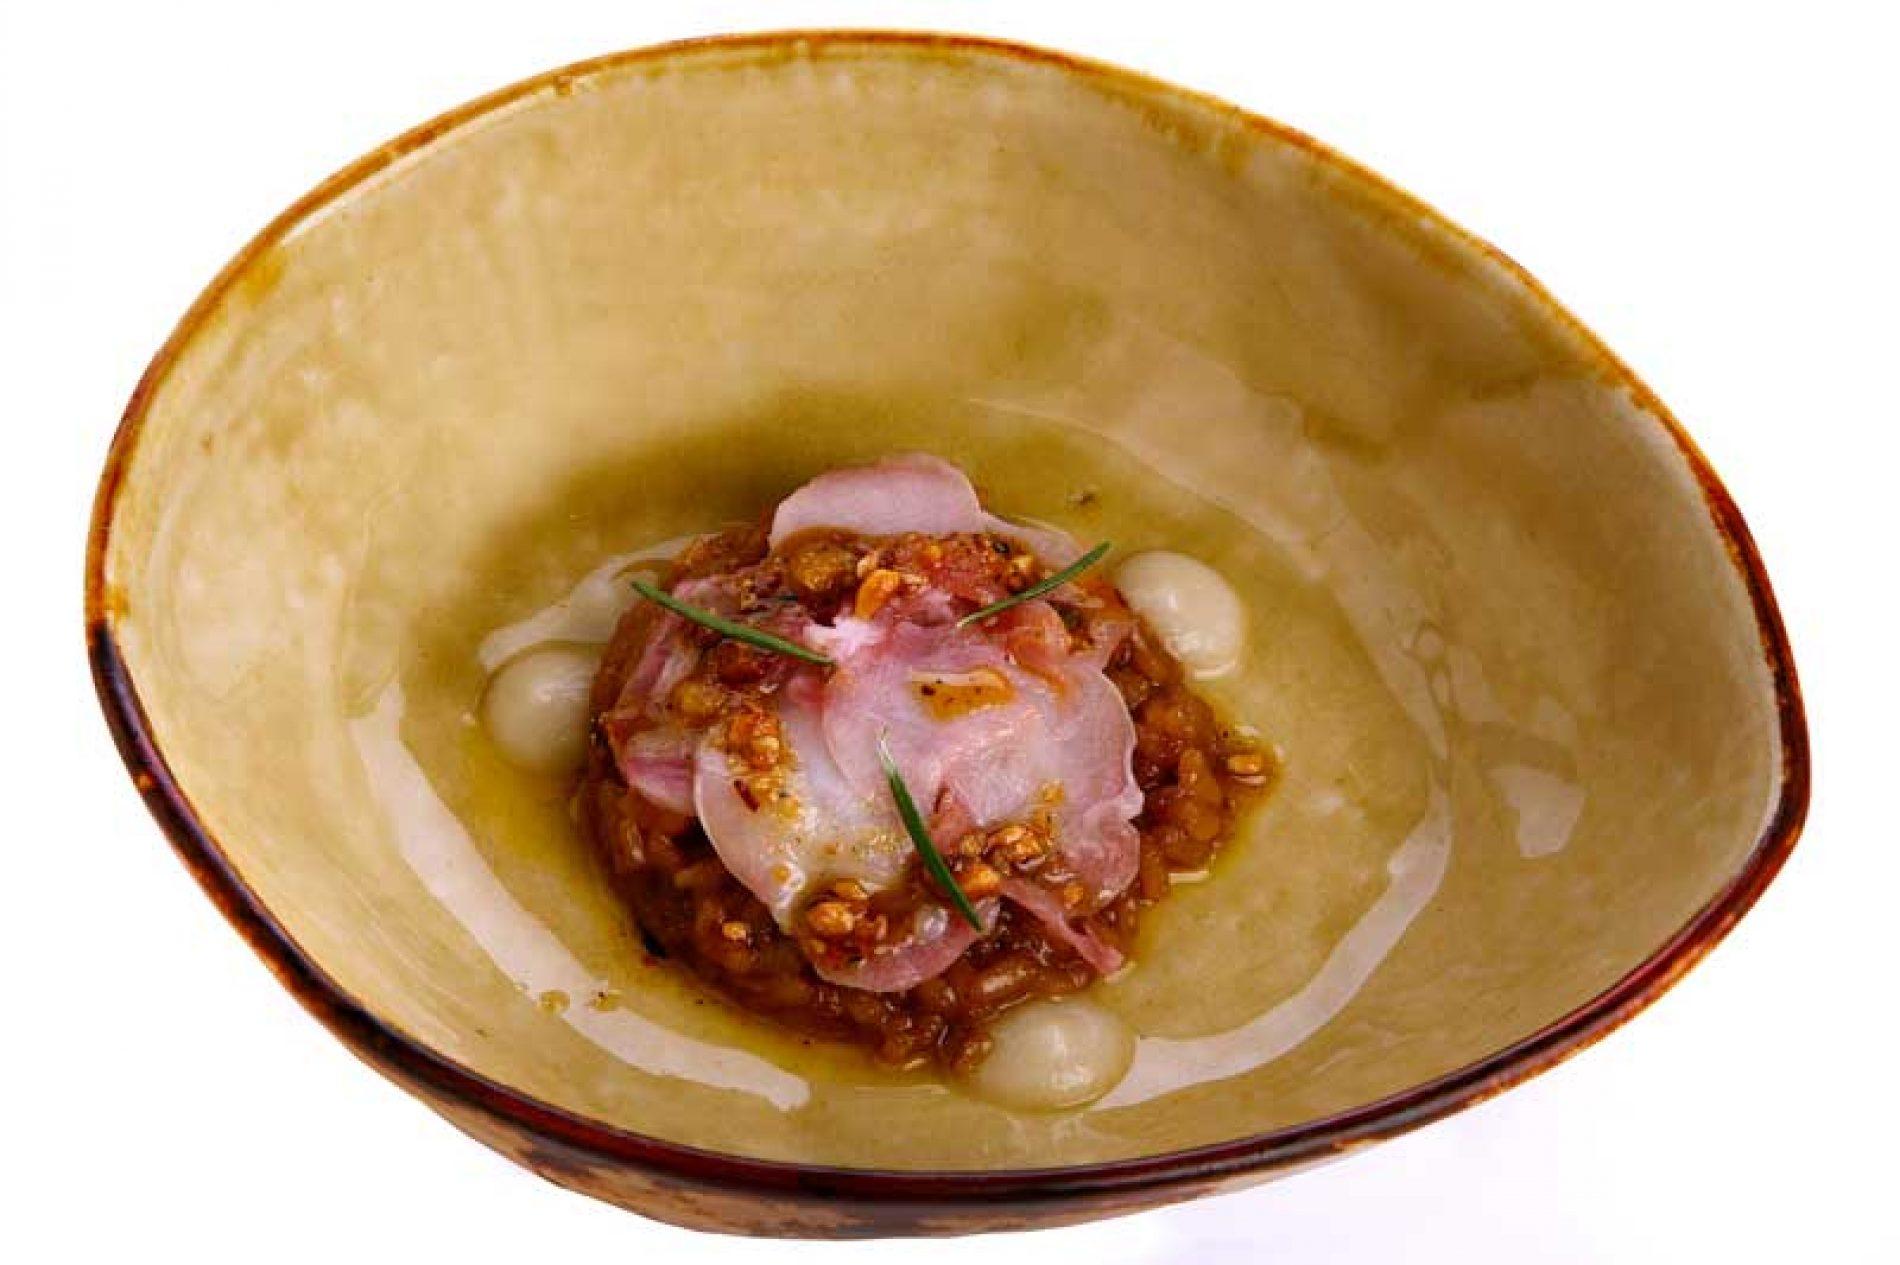 Receta conejo en carpacho y arroz seco